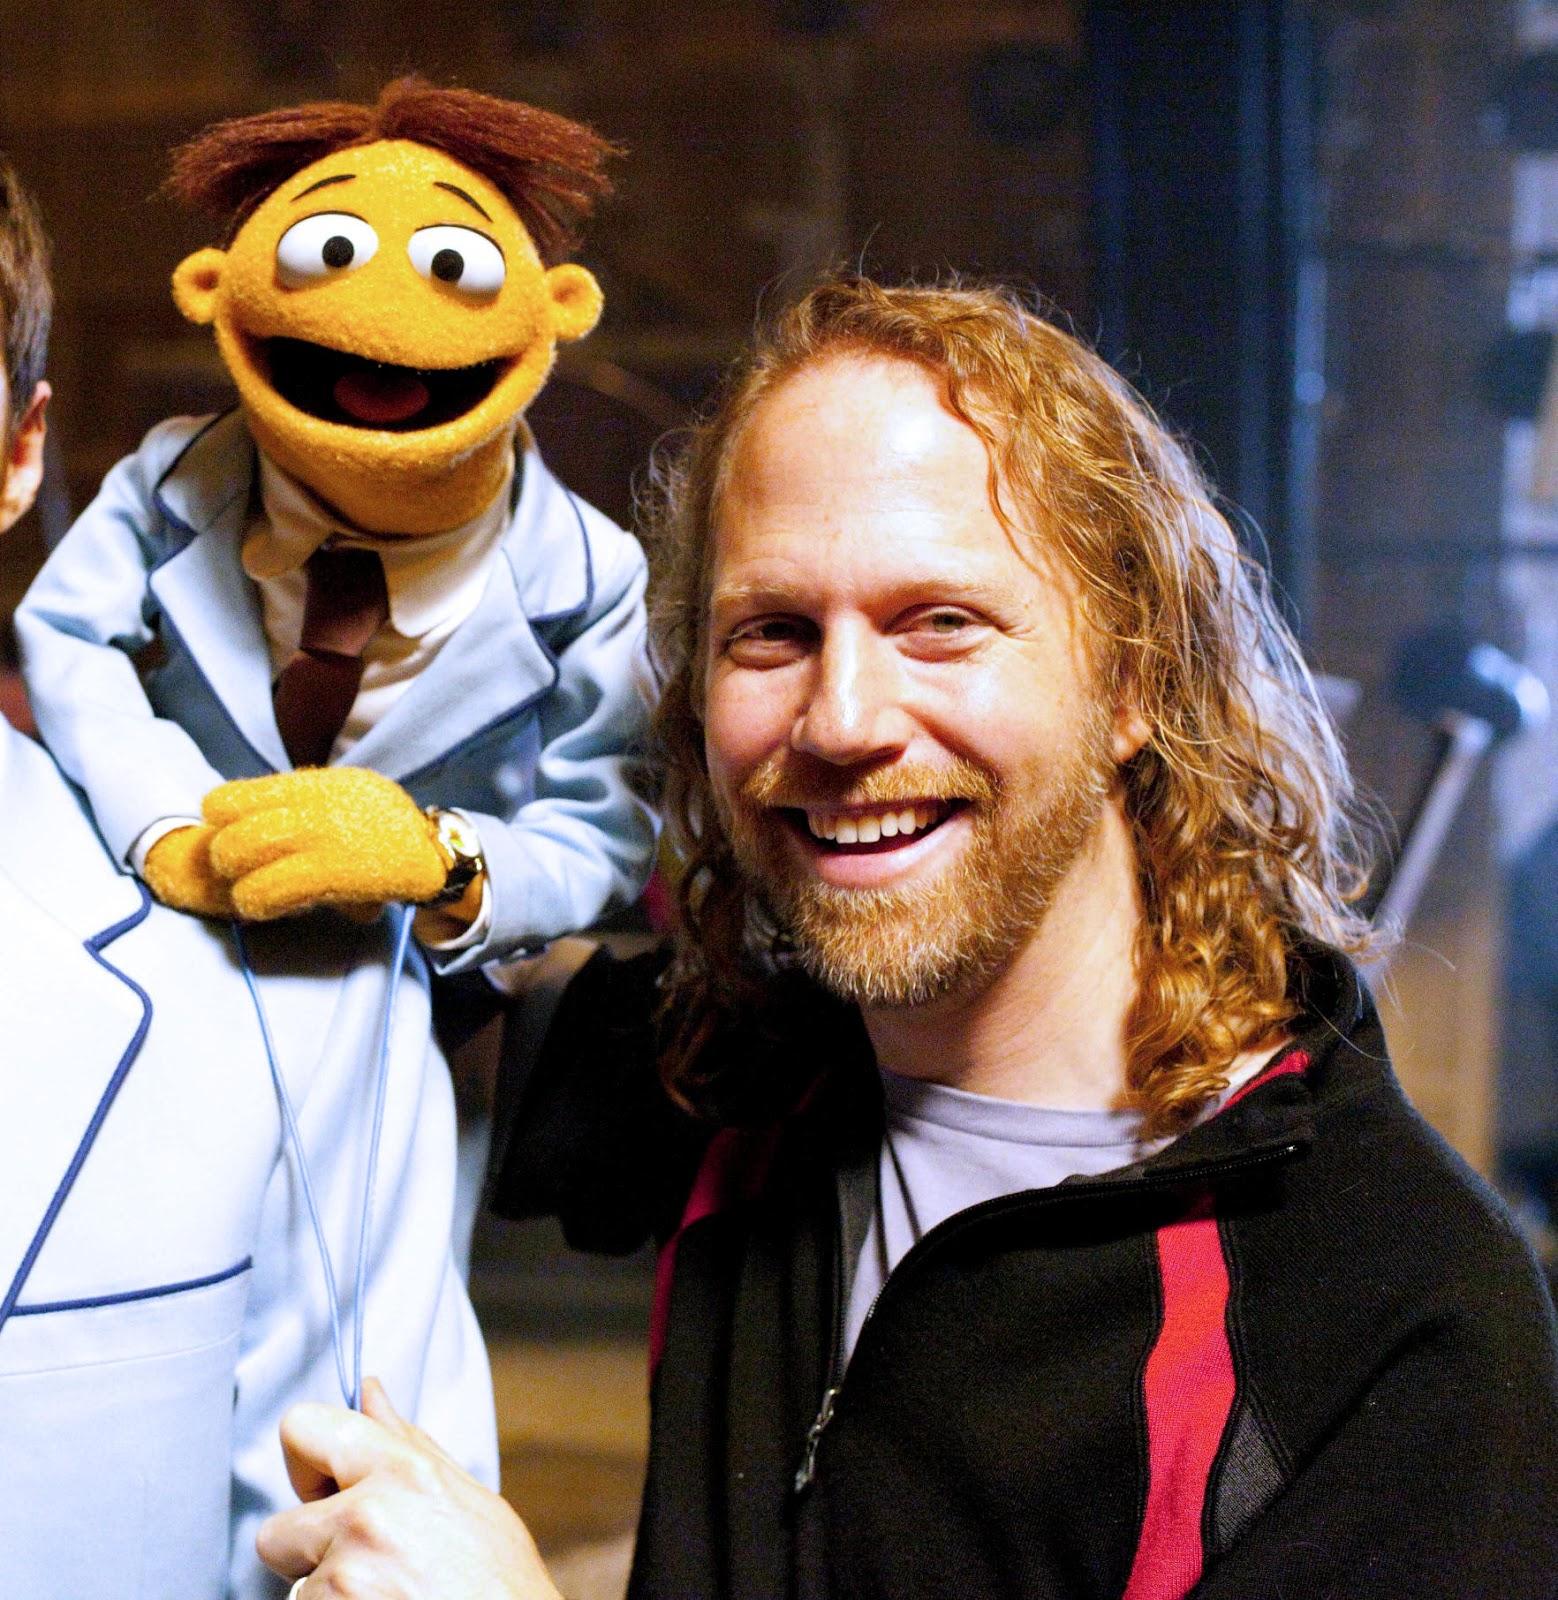 http://3.bp.blogspot.com/-3gmRrQJsbDM/UNuh3uBdeGI/AAAAAAAAQnU/seEr1jwkQv0/s1600/Peter+Linz+and+Walter.jpg